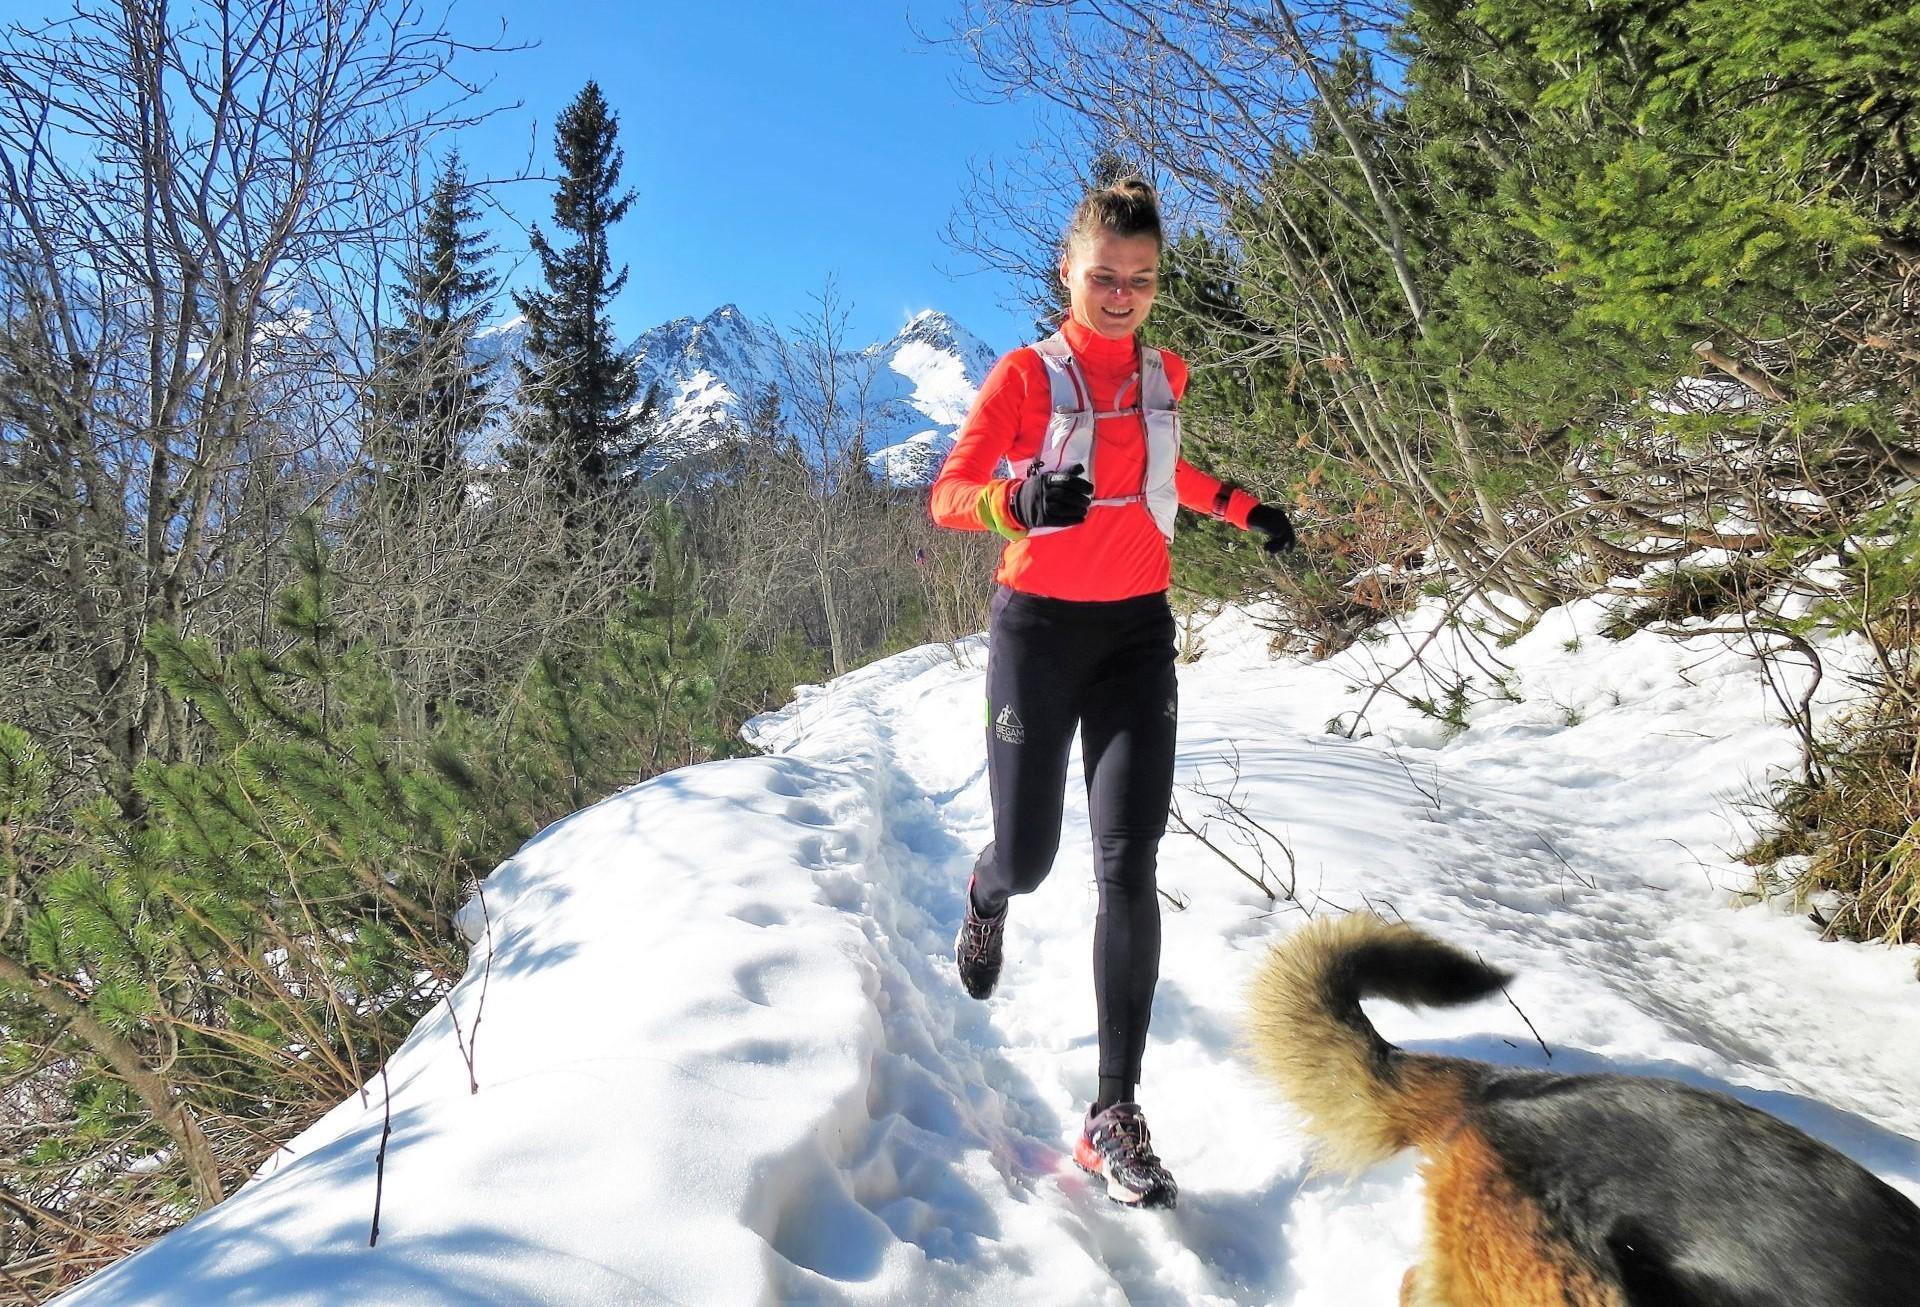 Wycieczka biegowa do Białego Stawu, trening w Tatrach, adidas terrex boost